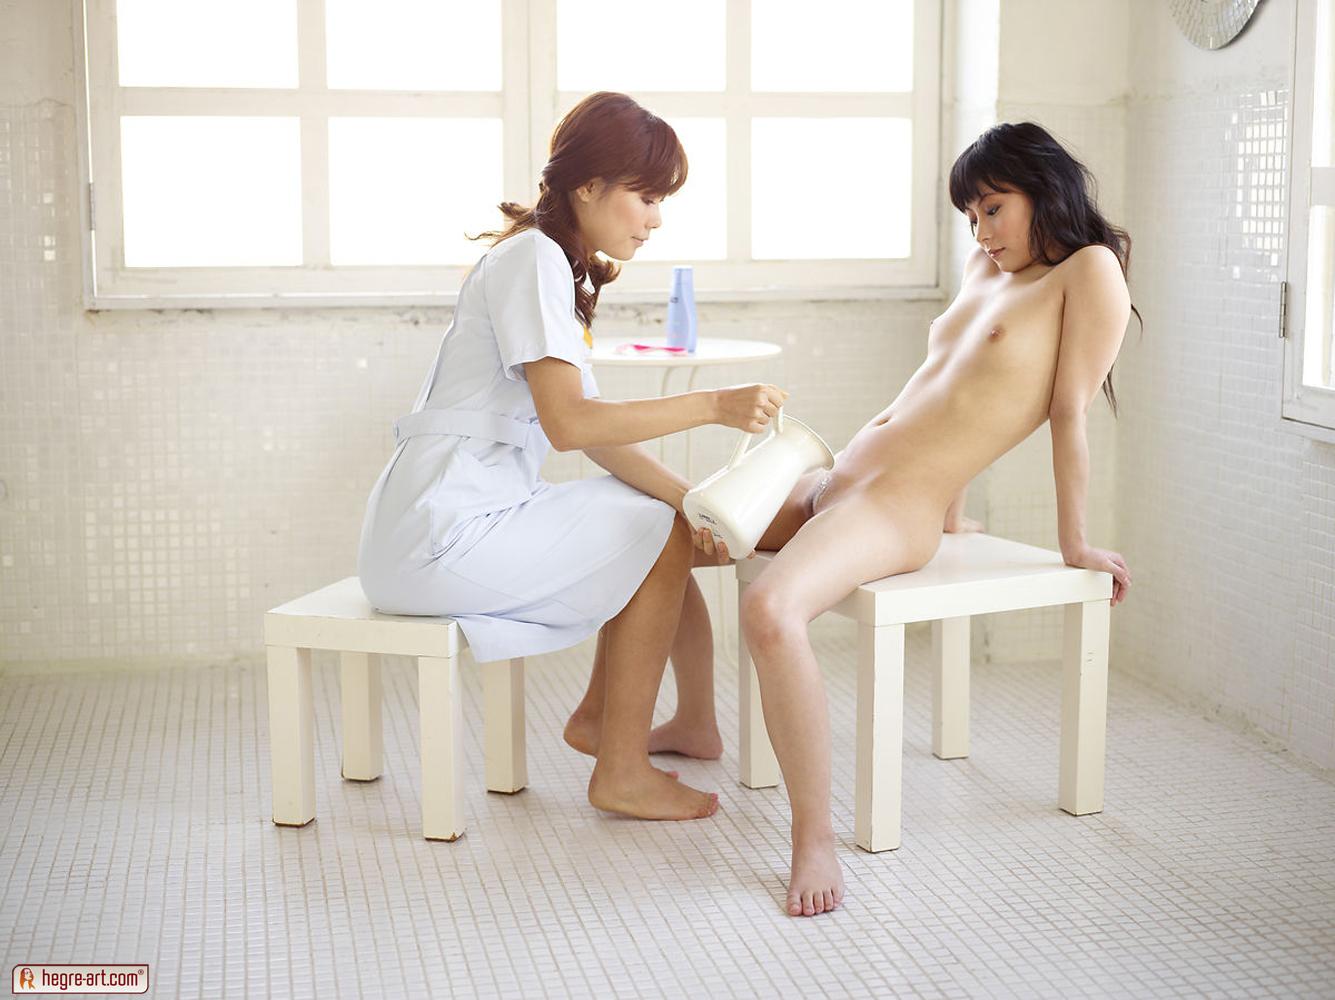 женщинам фото осмотров японок совсем так, готово